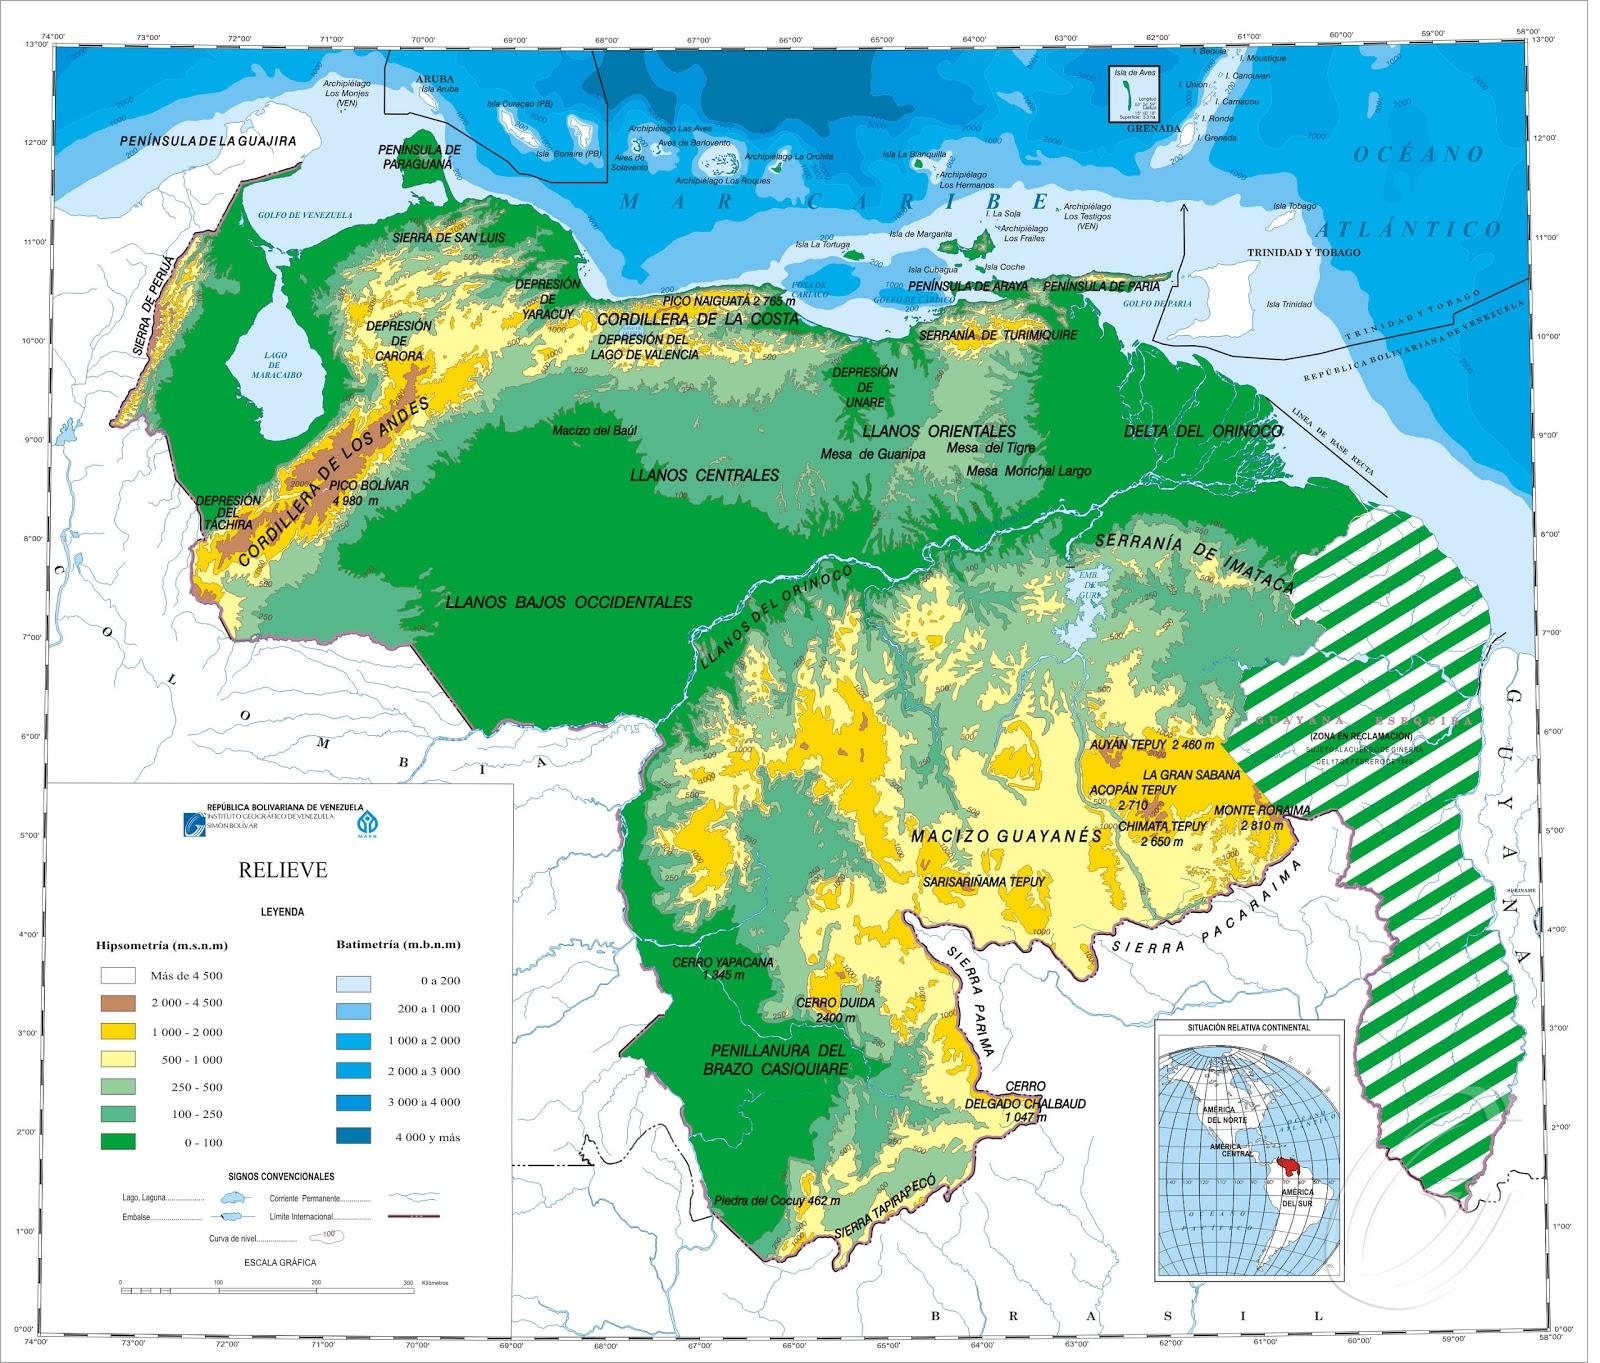 Mapa Político de América | Mapa de América - vmapas.com